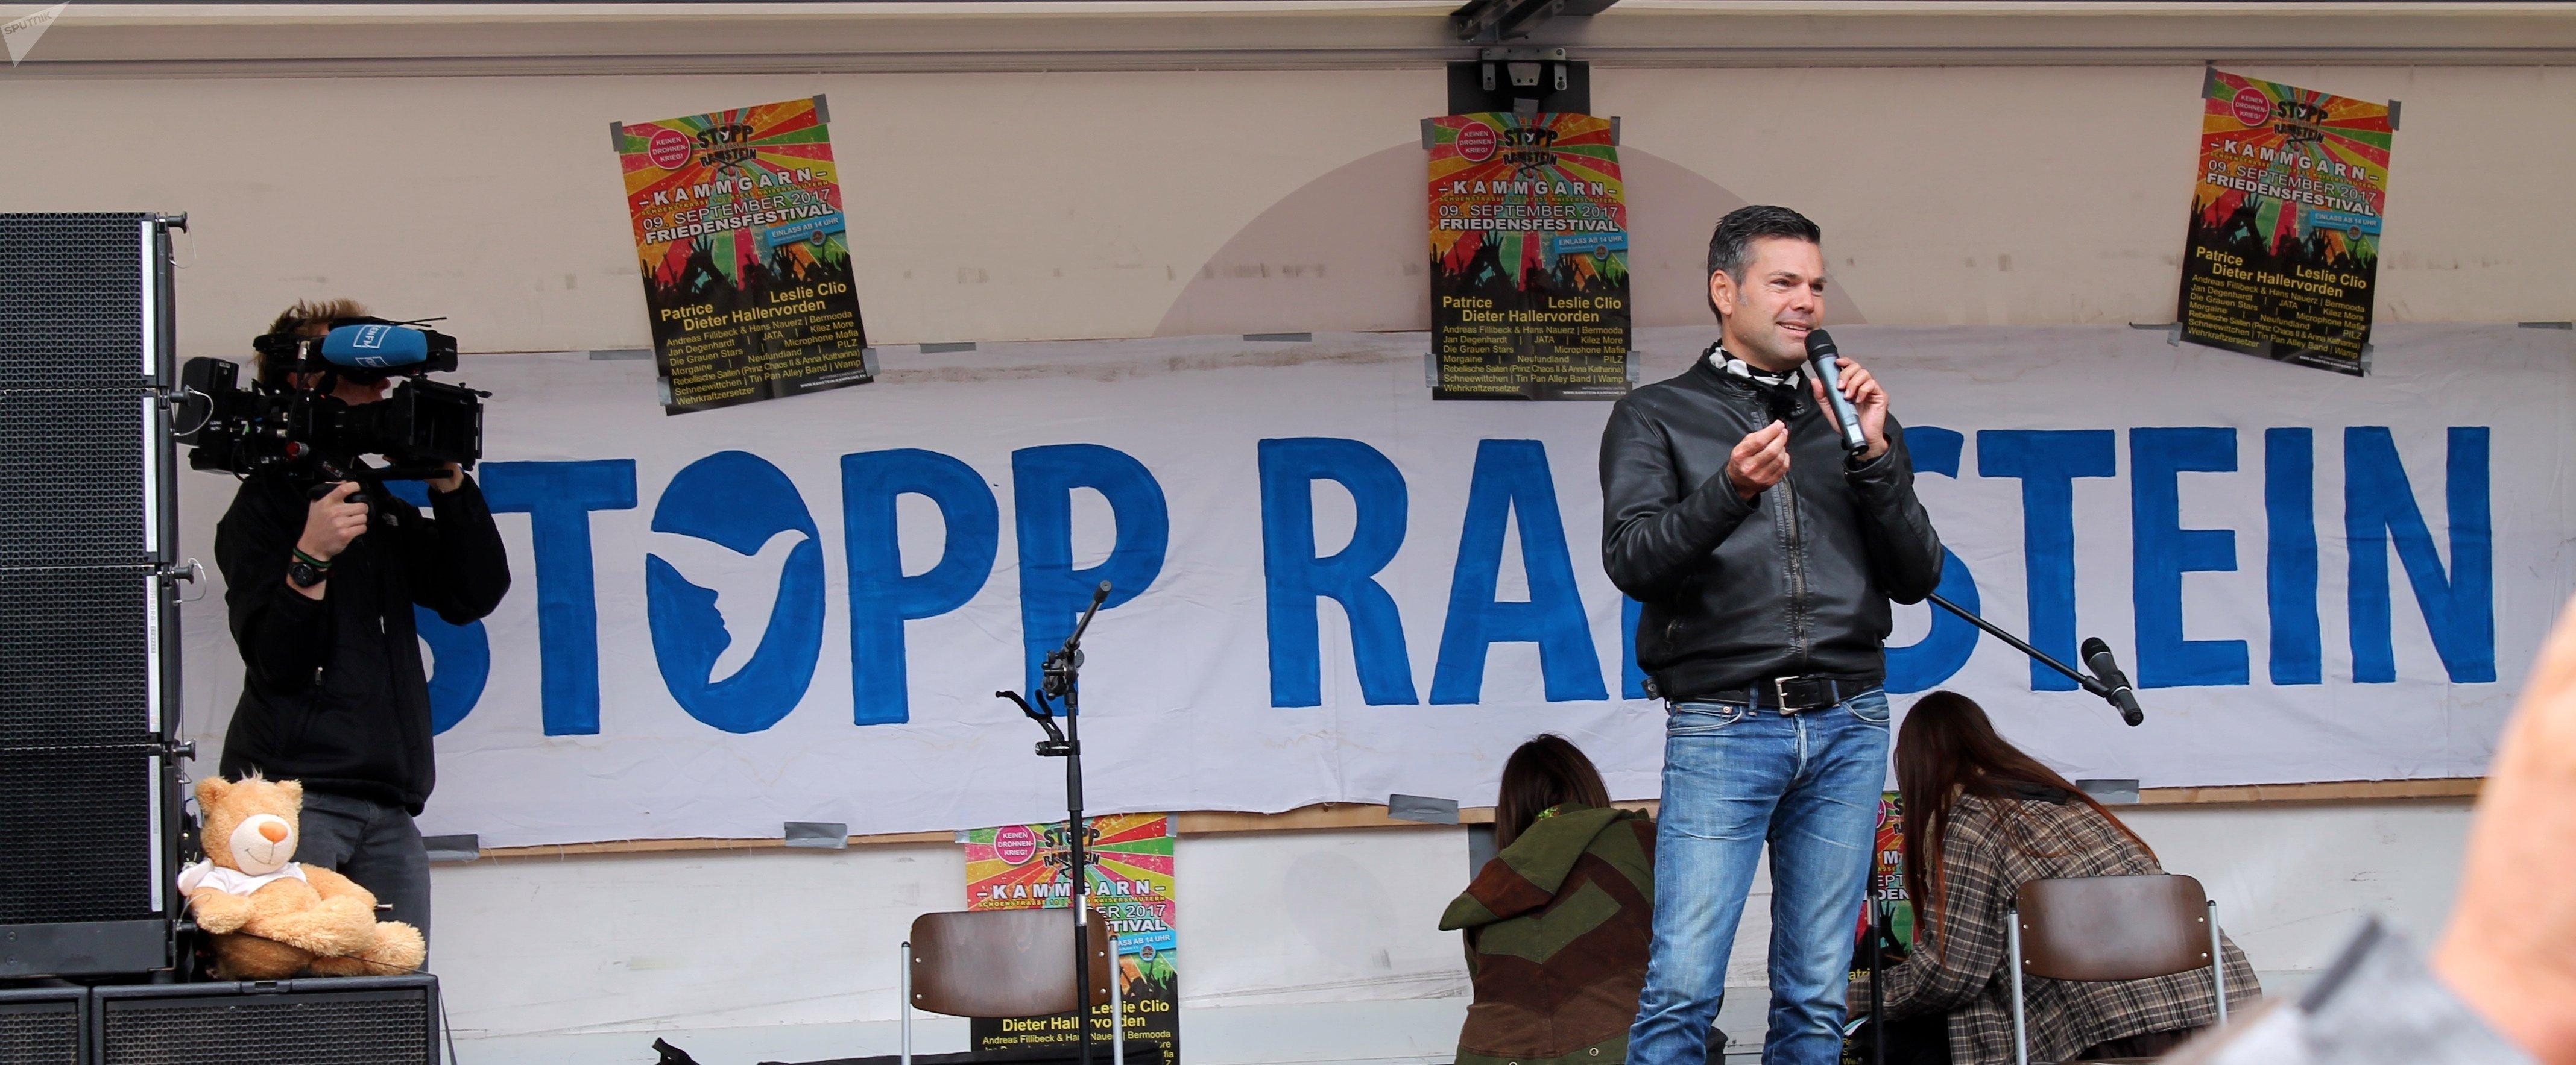 Ken Jebsen, journaliste de radio et de télévision, a condamné l'absence des représentants de ZDF et d'ARD